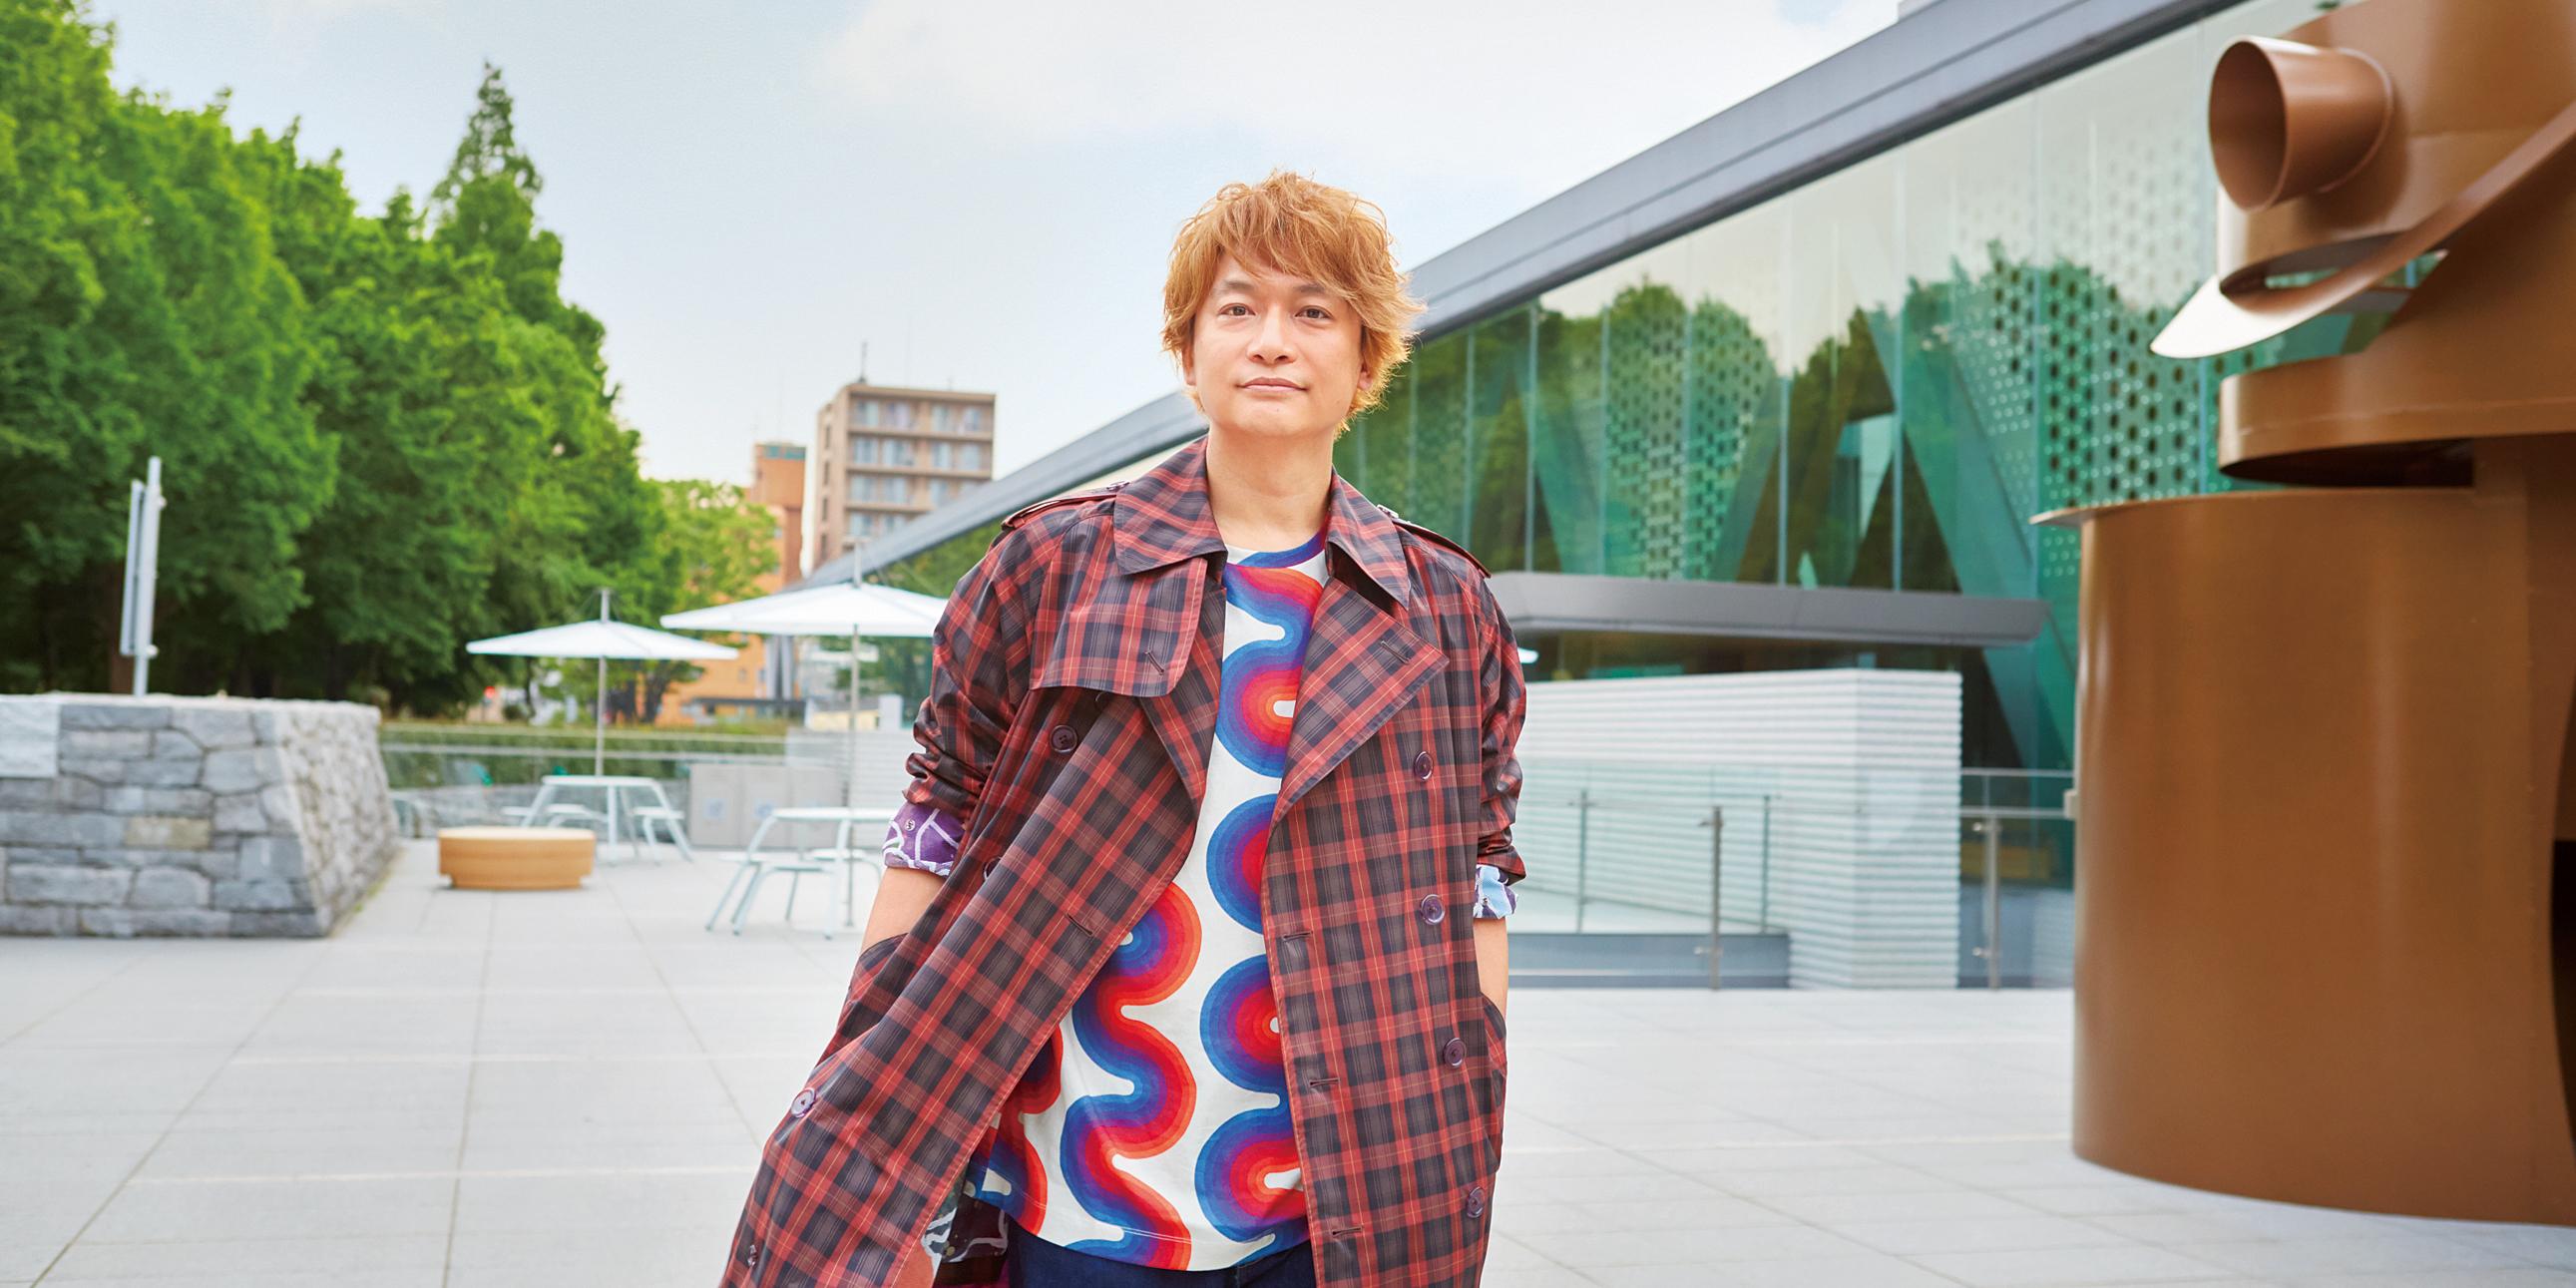 香取慎吾さんのポートレート画像